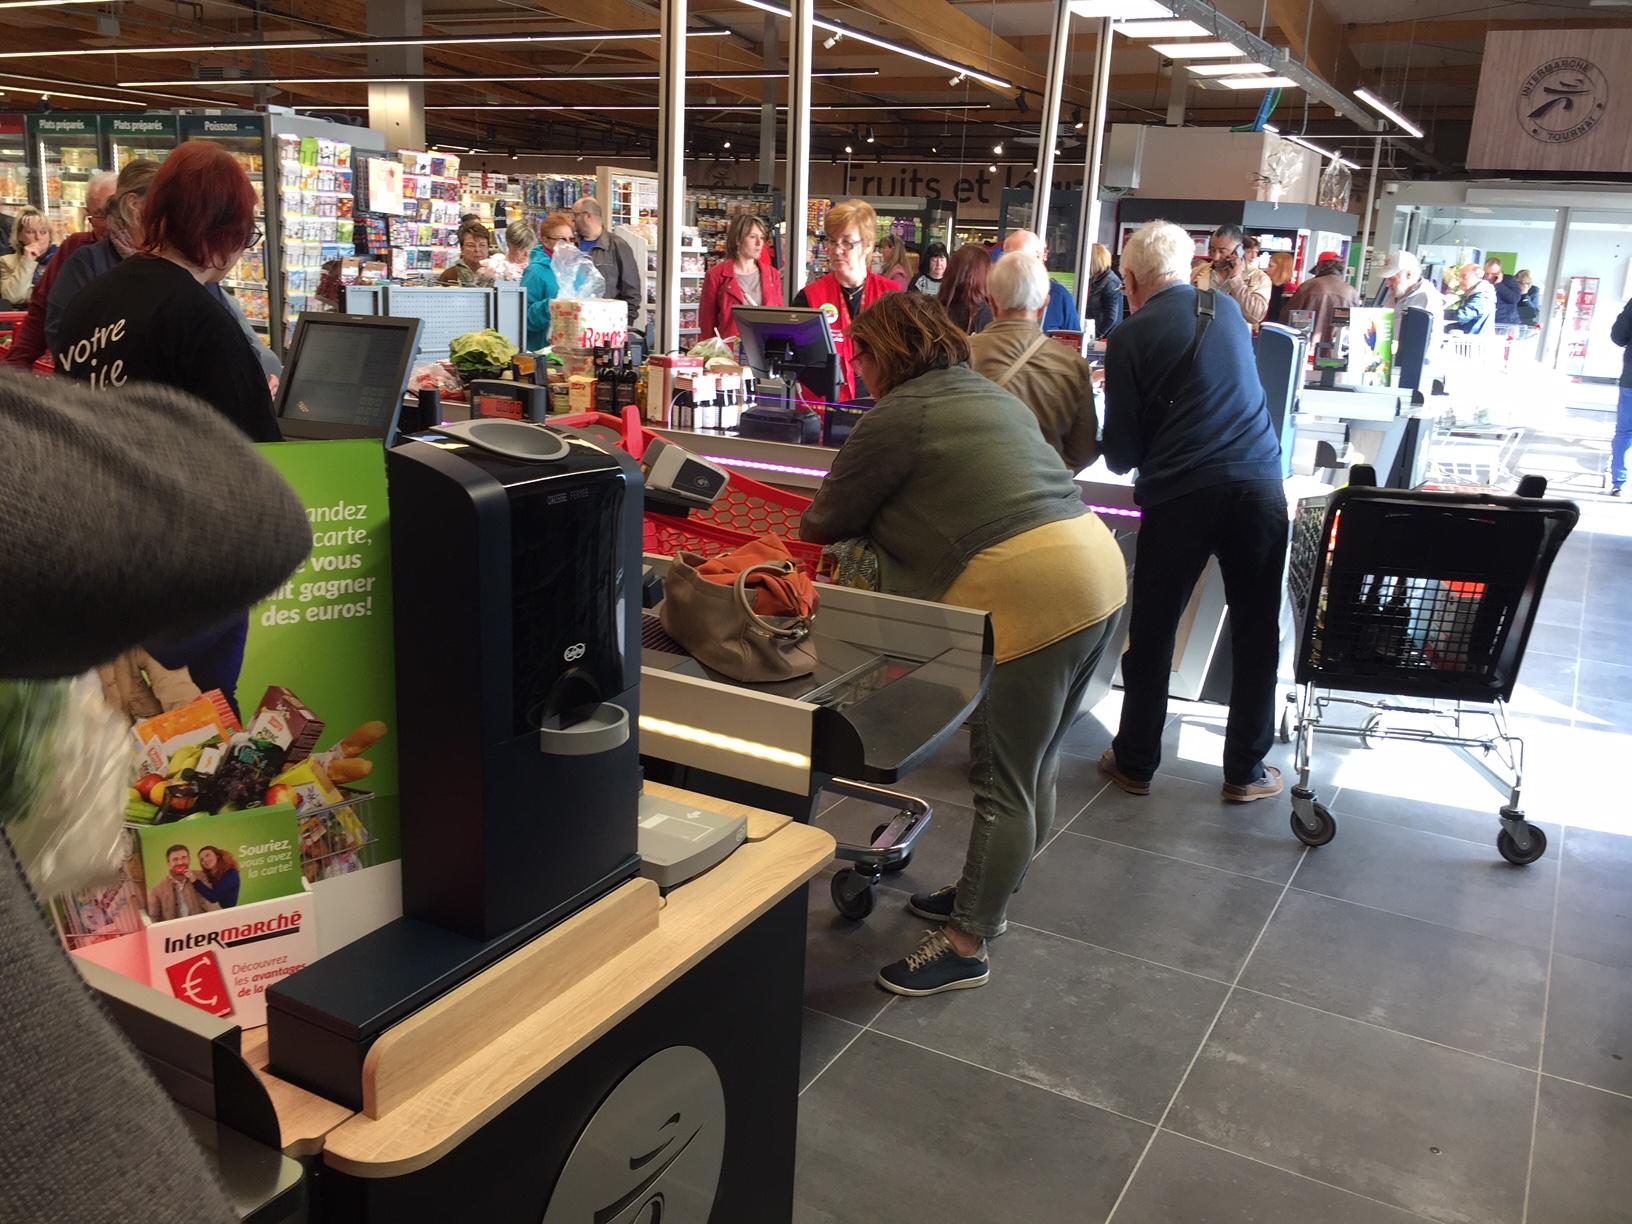 intermarche supermarket cash handling